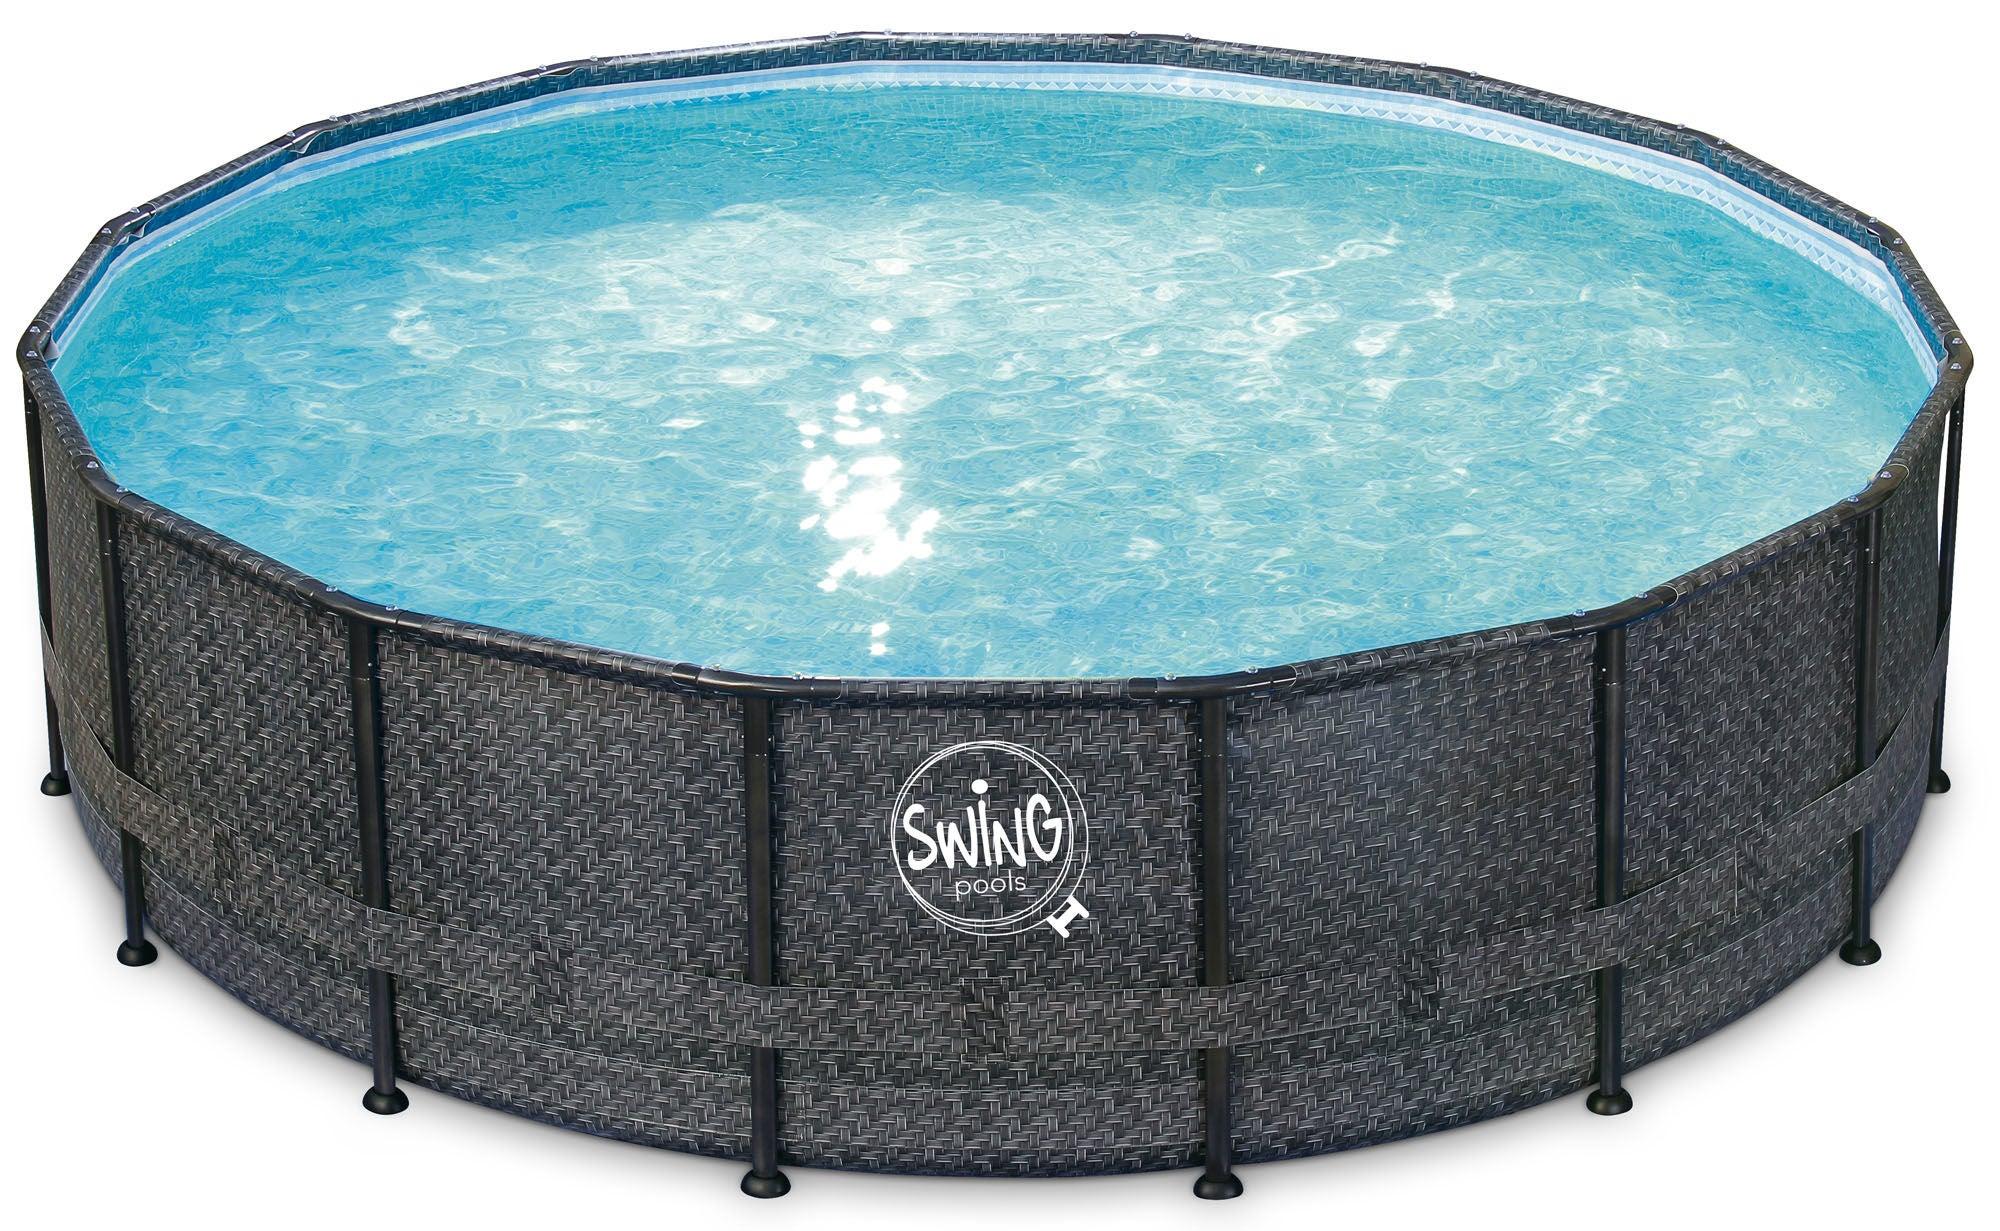 Swing Pools Elite Wicker Frame Pool 488 cm